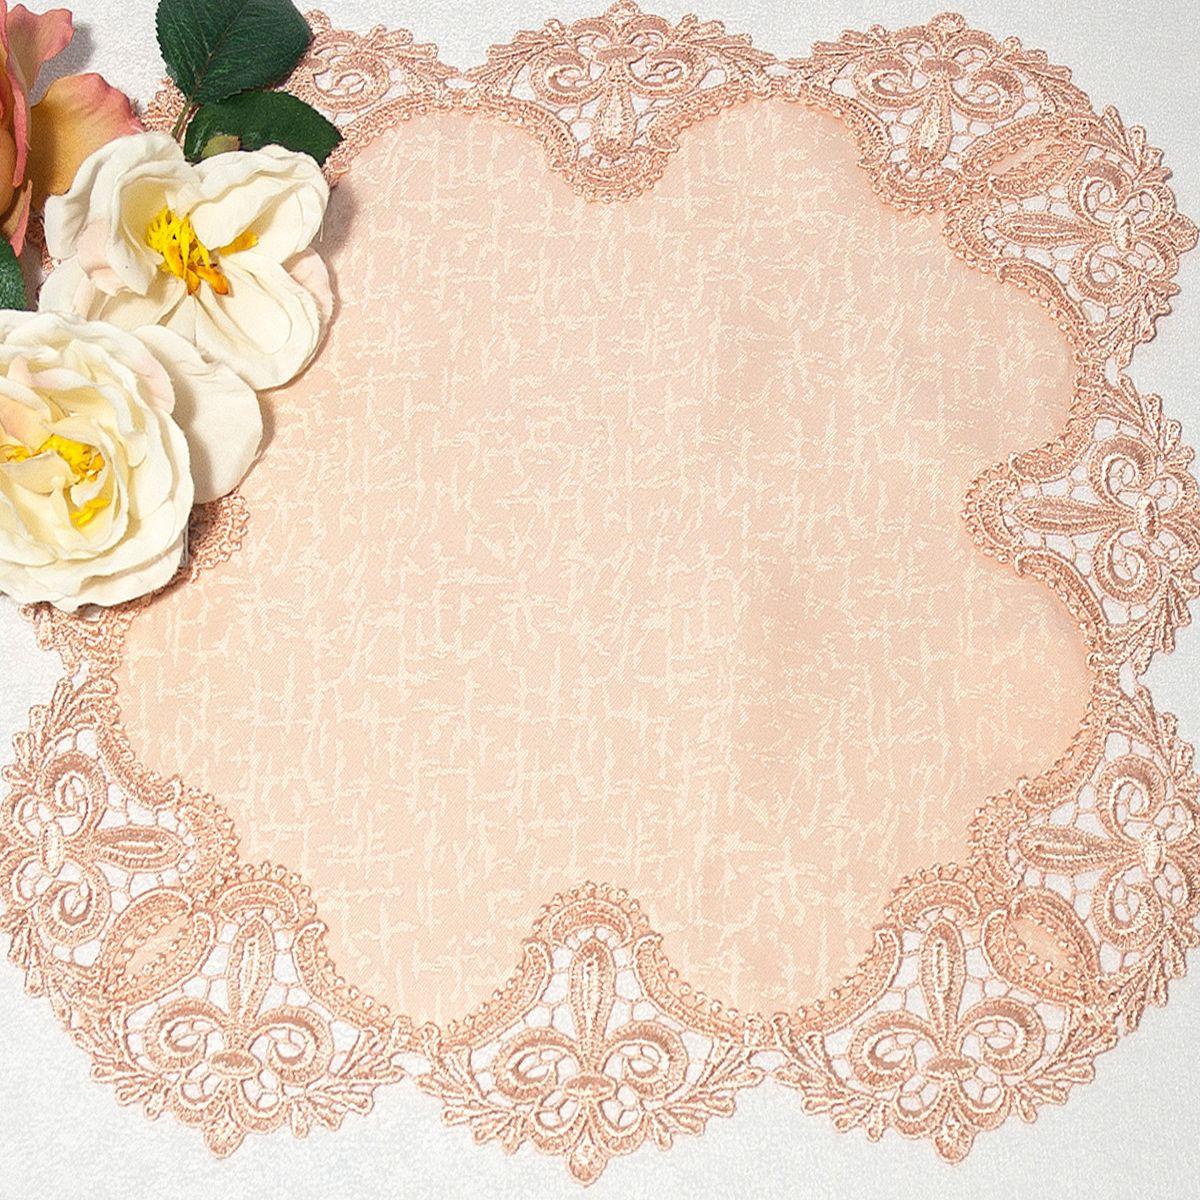 Салфетка Schaefer, цвет: розовый, 38 х 38 смVT-1520(SR)Яркая и красивая салфетка Schaefer выполнена из полиэстера. Изделие легко стирать и гладить, оно не требует специального ухода. Вы можете использовать салфетку для декорирования стола, комода, журнального столика. Она добавит в ваш дом стиля, изысканности и убережет мебель от царапин и потертостей.